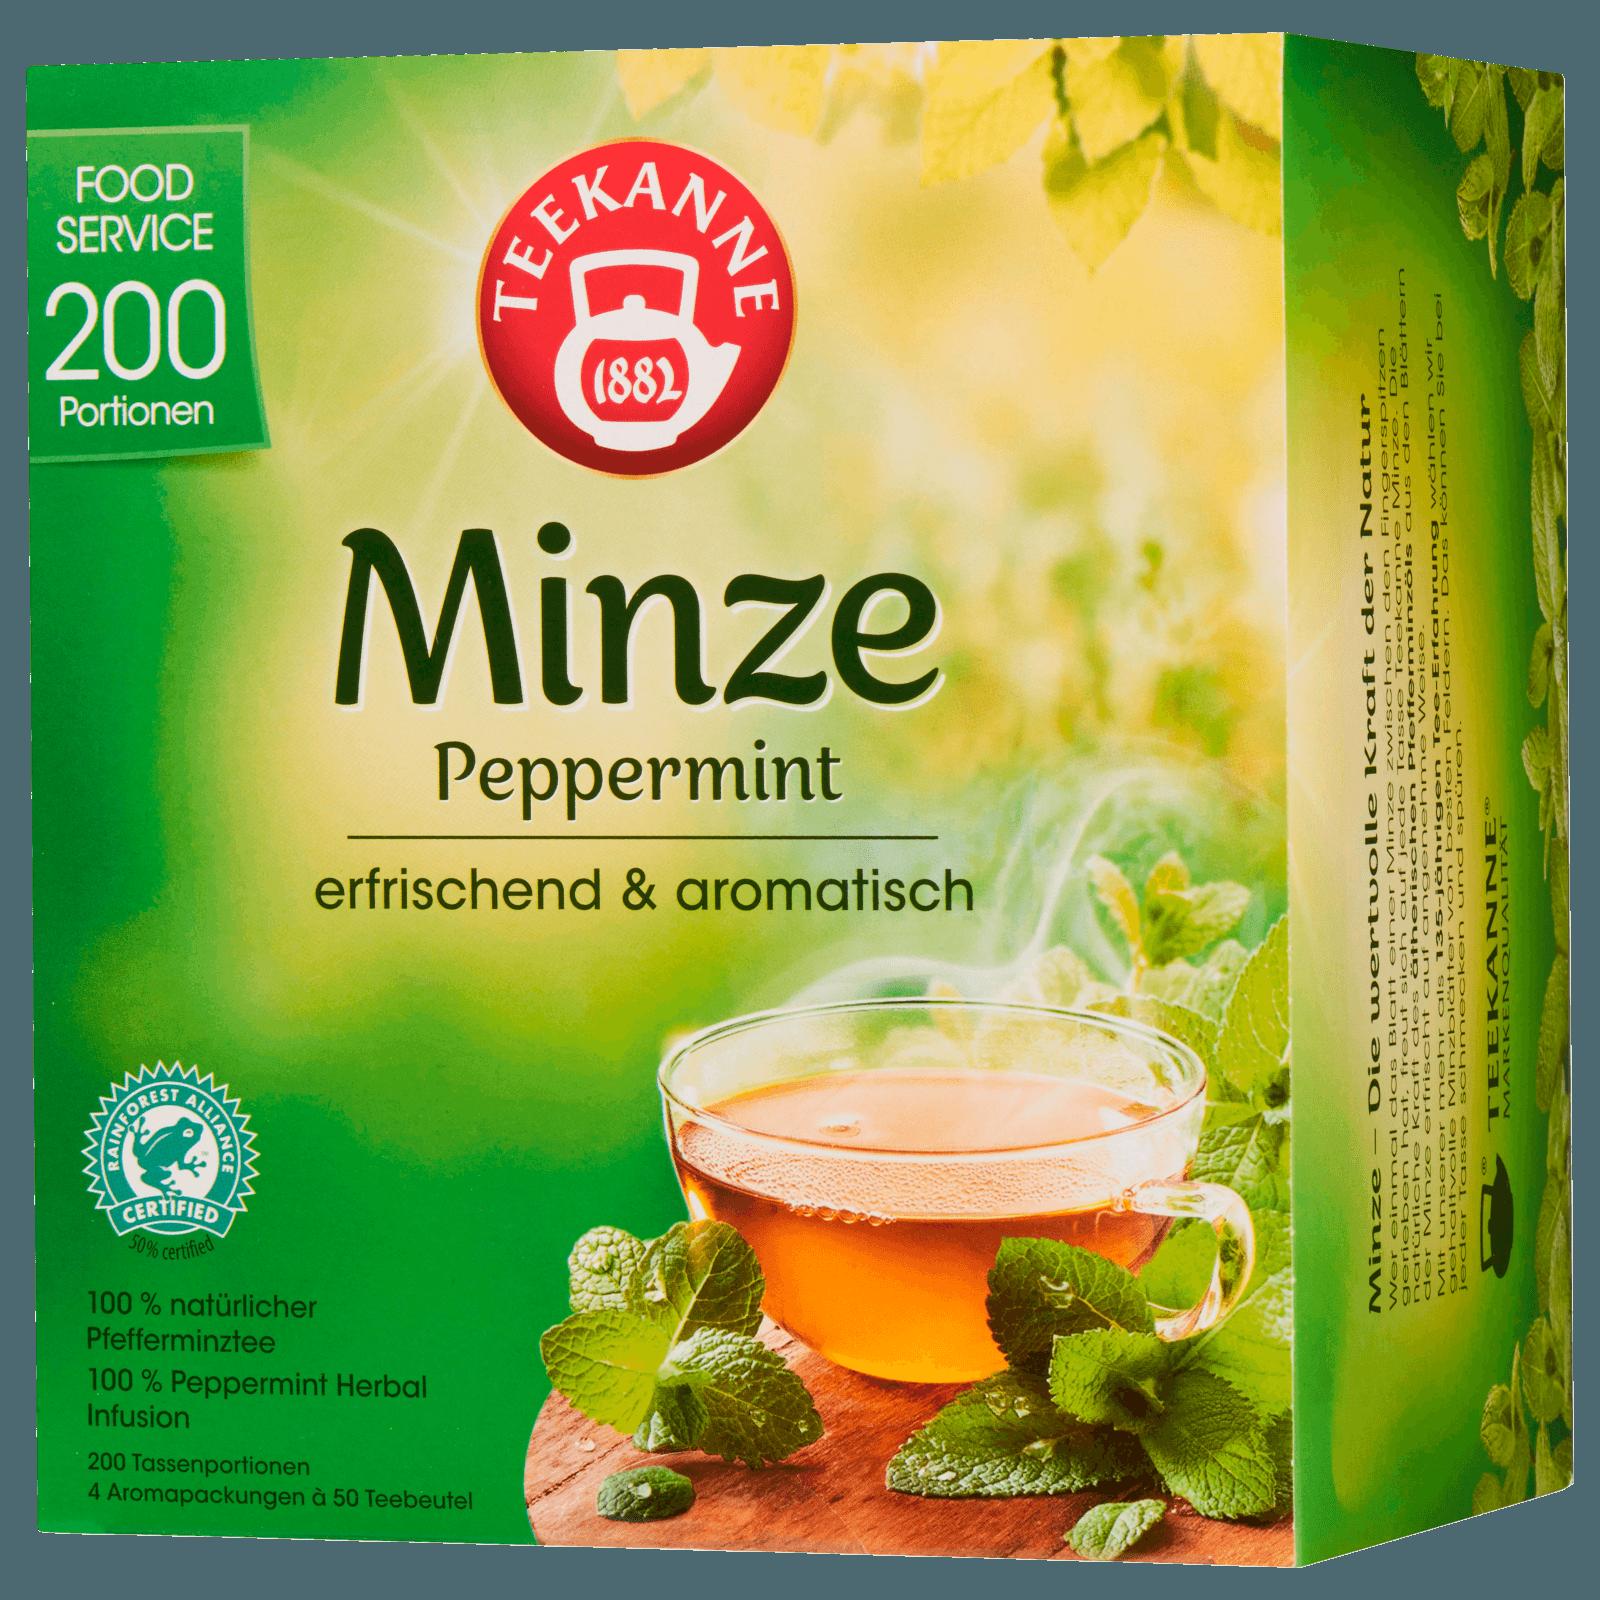 Teekanne Pfefferminze 250g, 200 Beutel